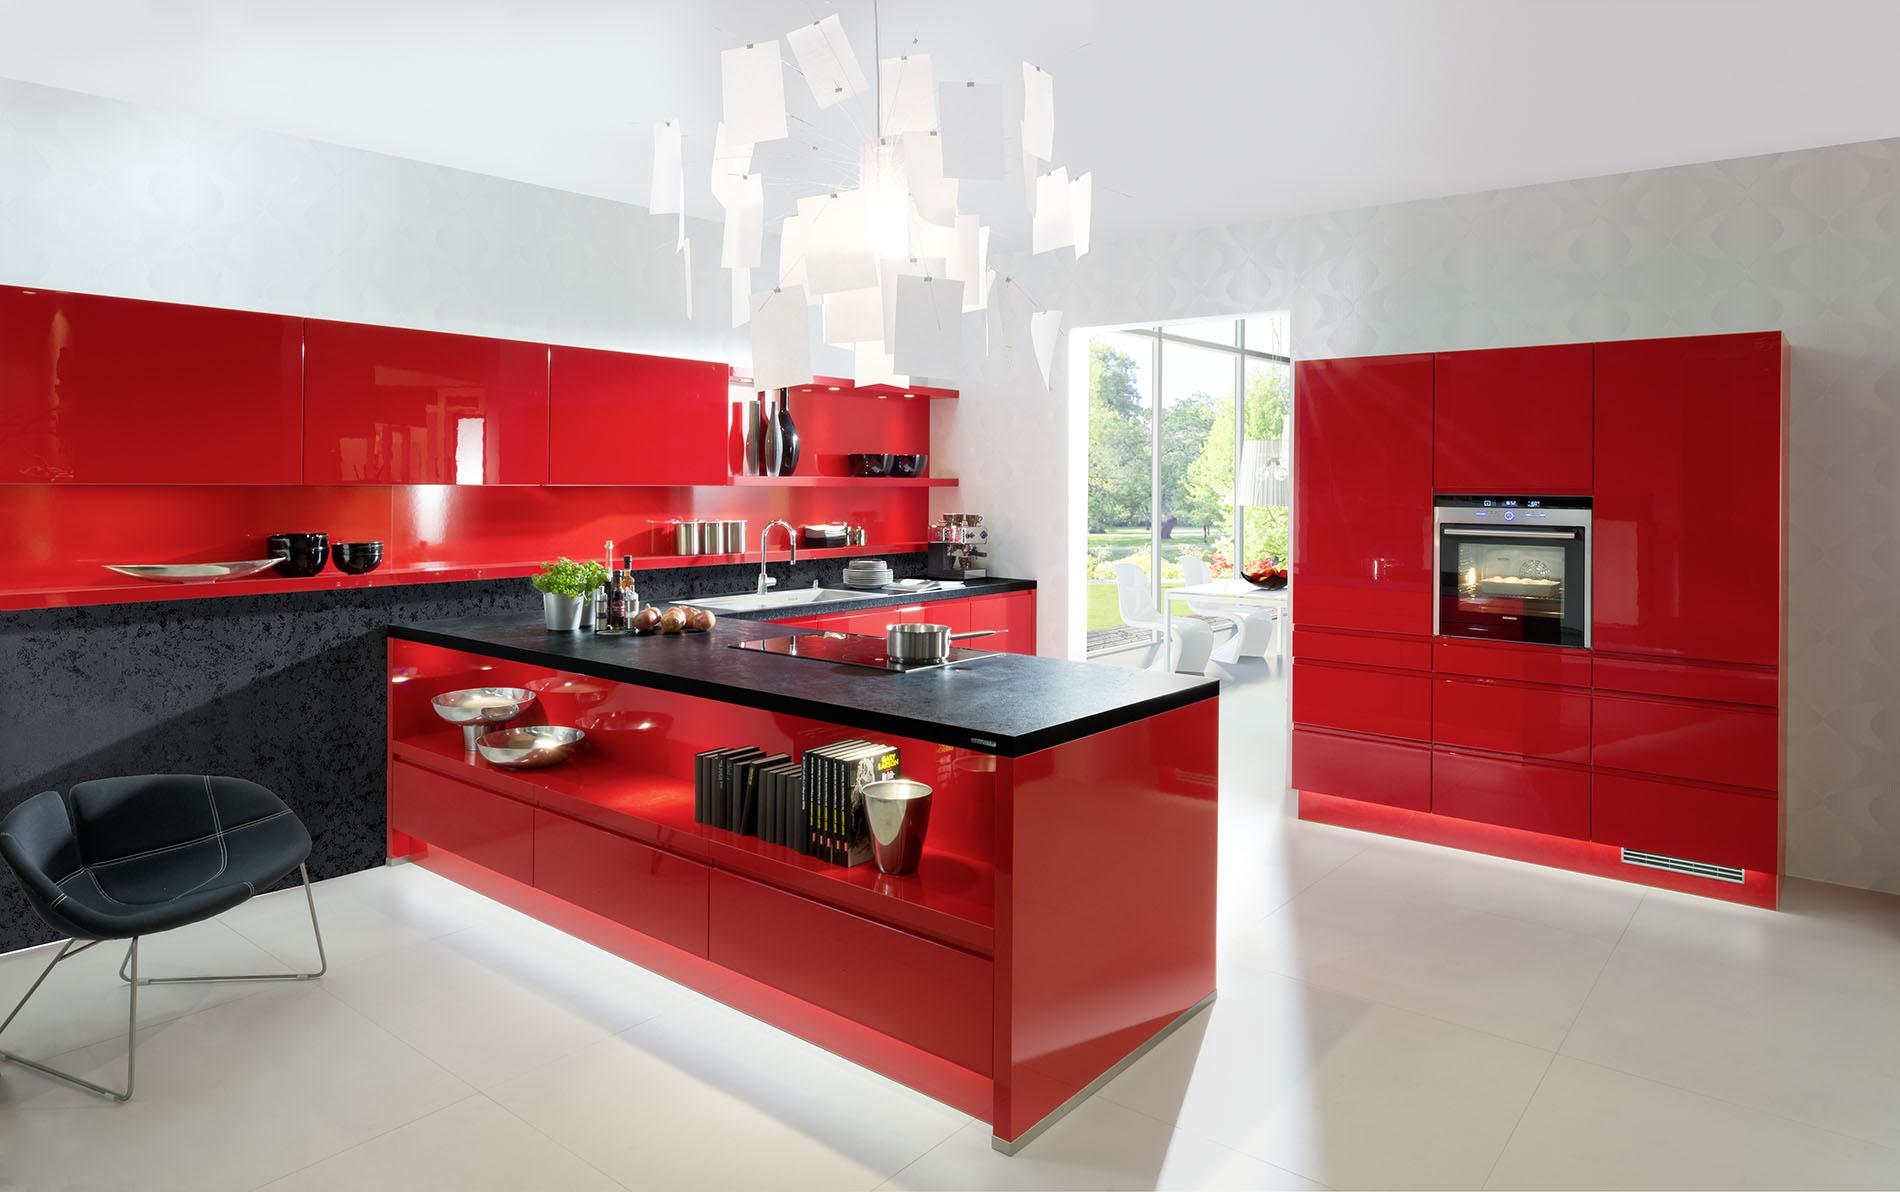 Luca cuisine chauss e de ch telet 15 6042 lodelinsart for Garage ouvert le dimanche 78